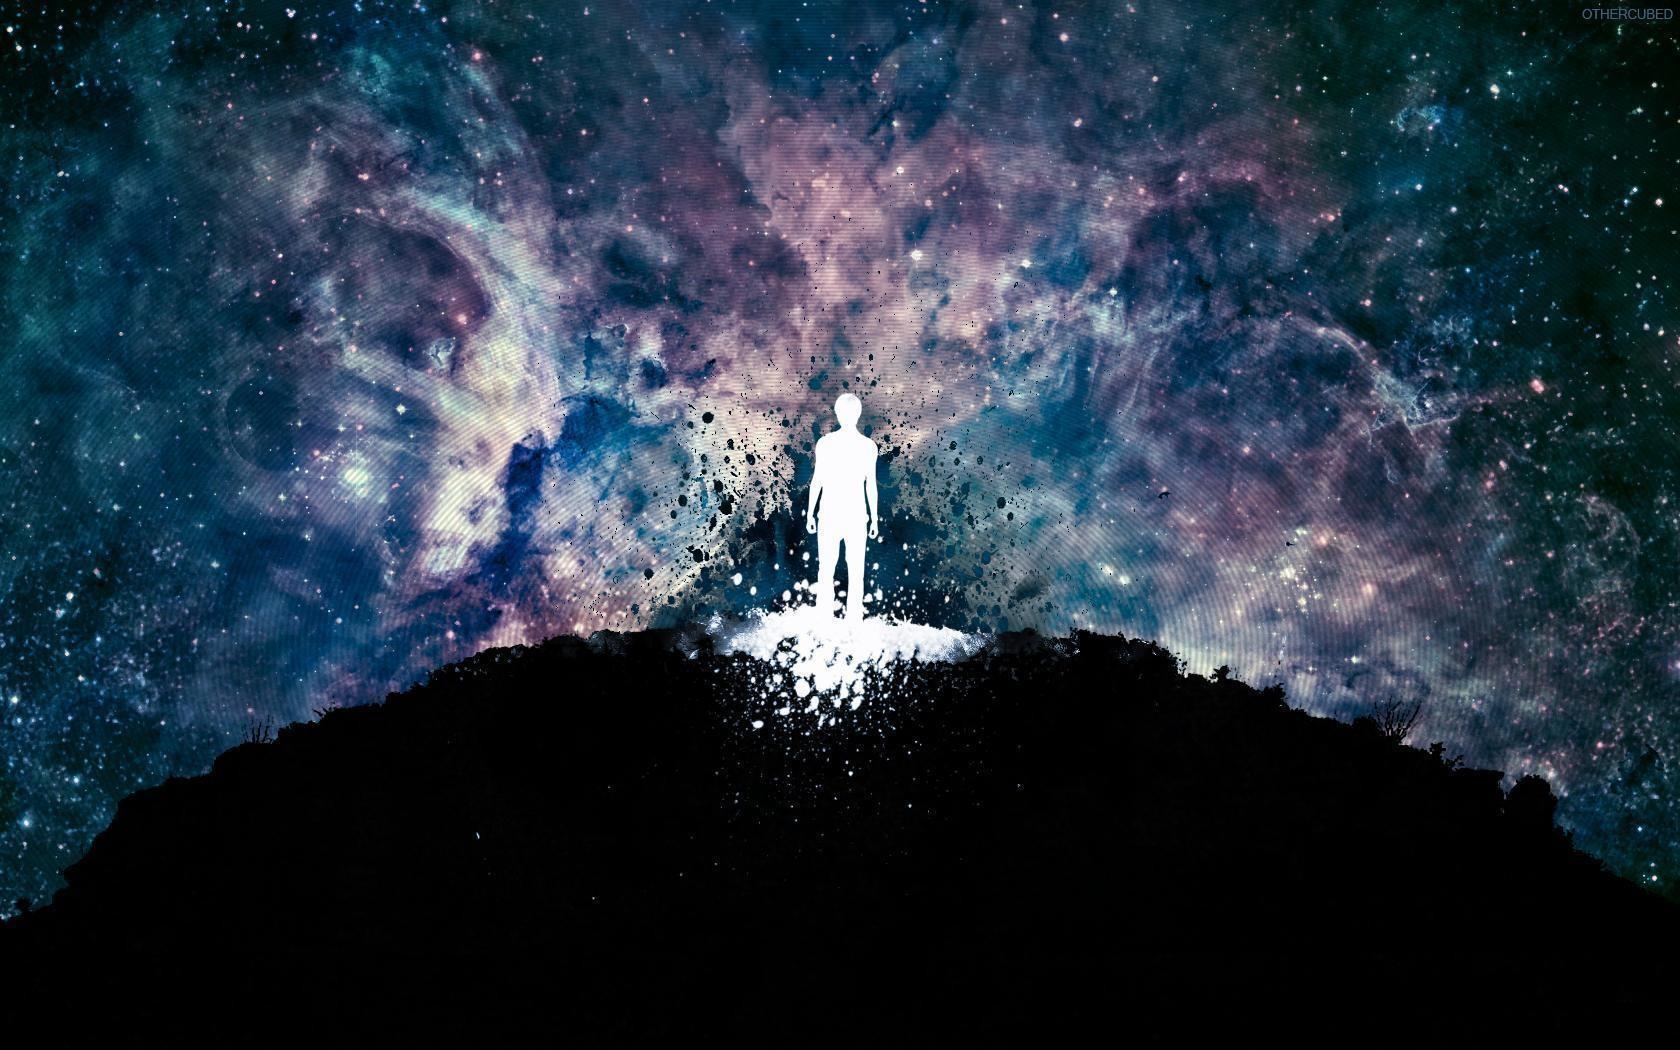 Hombre y universo - 1680x1050